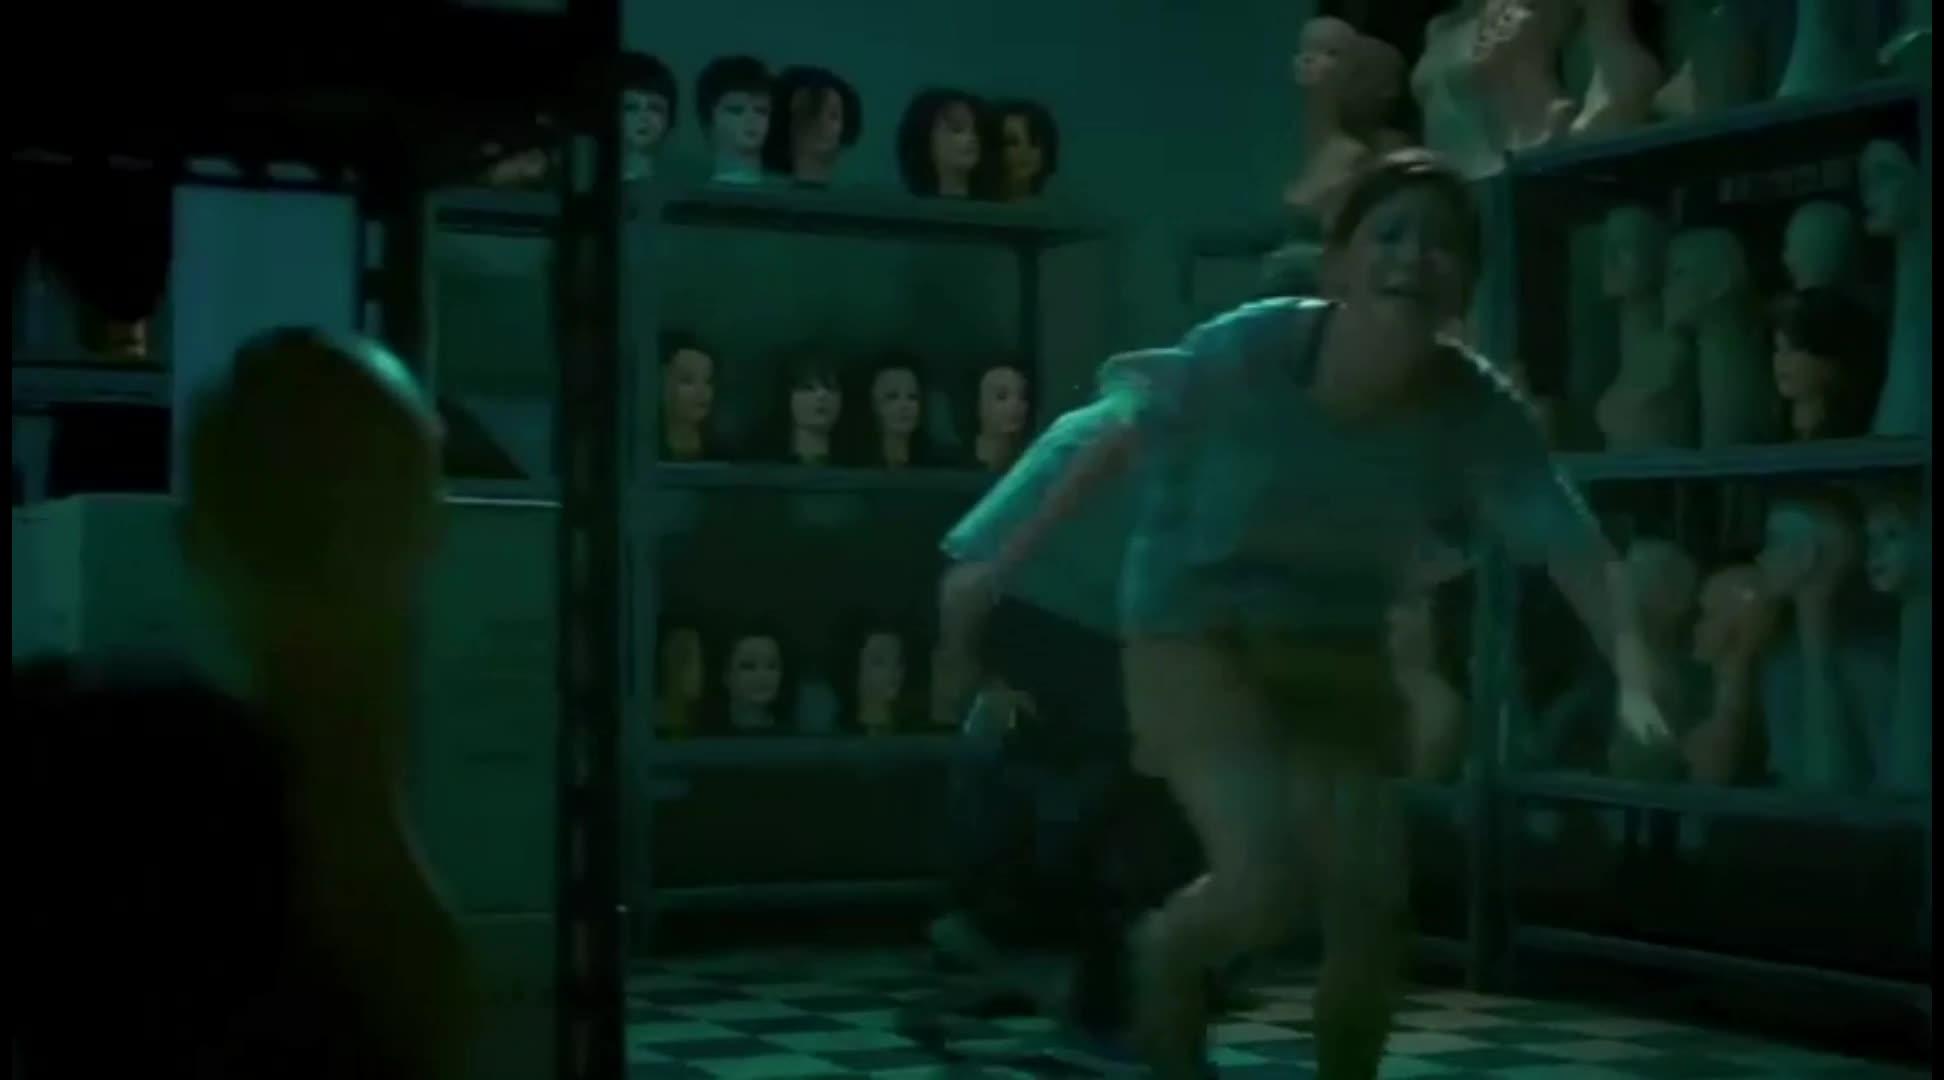 女鬼突然出现,吓得众人慌忙逃走,无奈钥匙被弄折